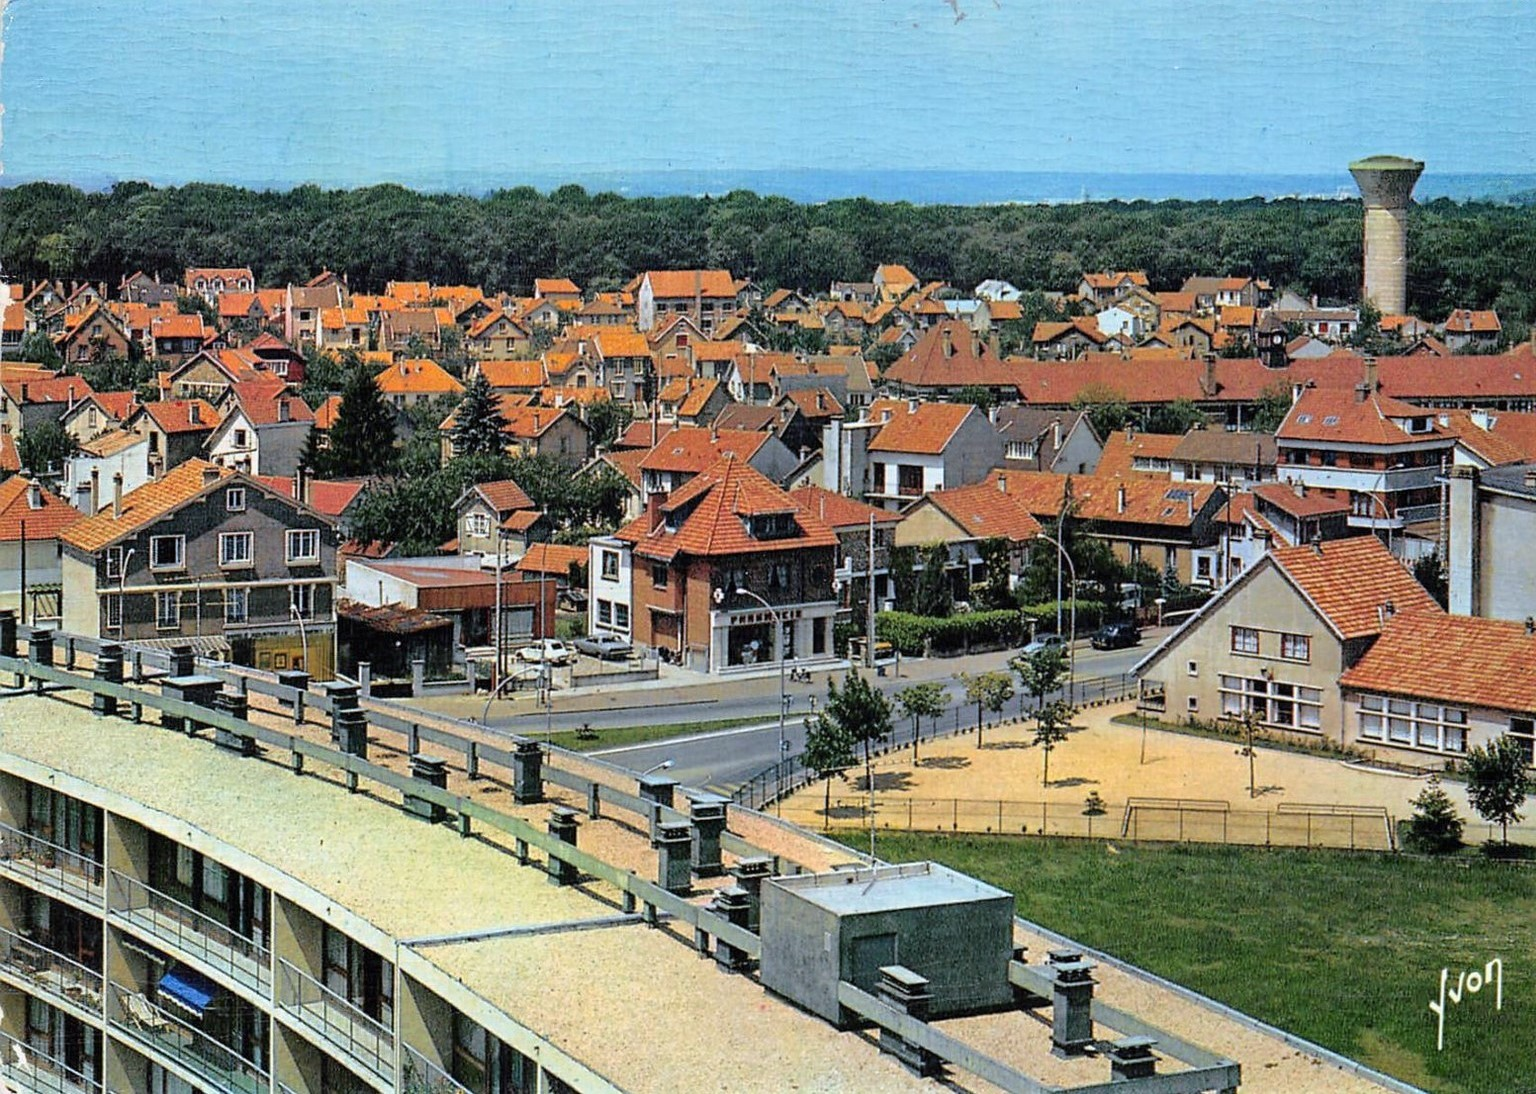 Vélizy-Villacoublay - Le Clos - Date d'oblitération : 23.04.1979